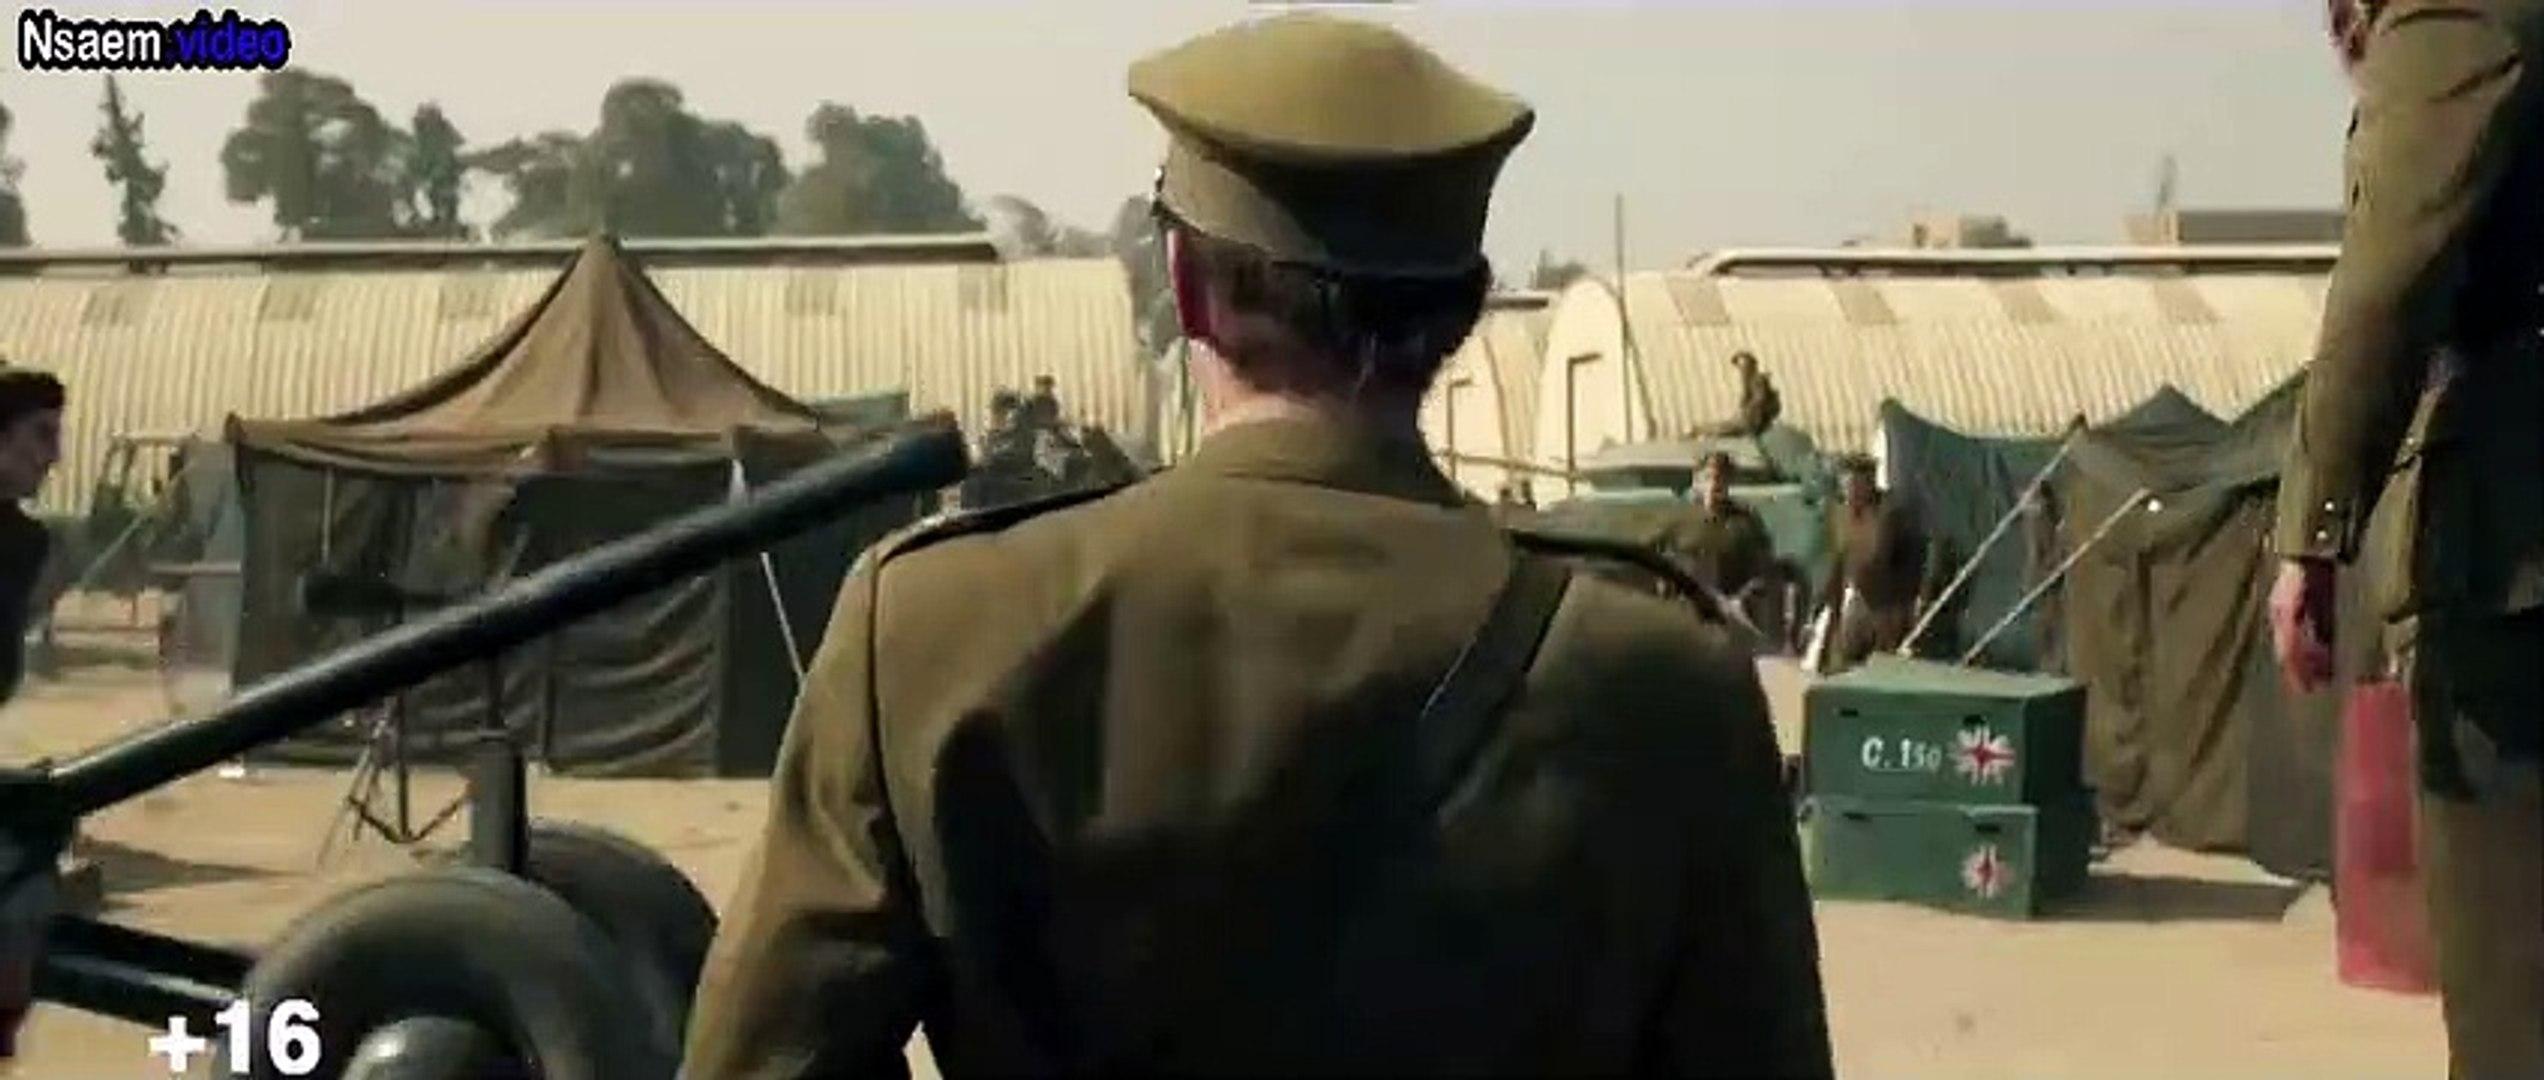 فيلم حرب كرموز 2018 كامل